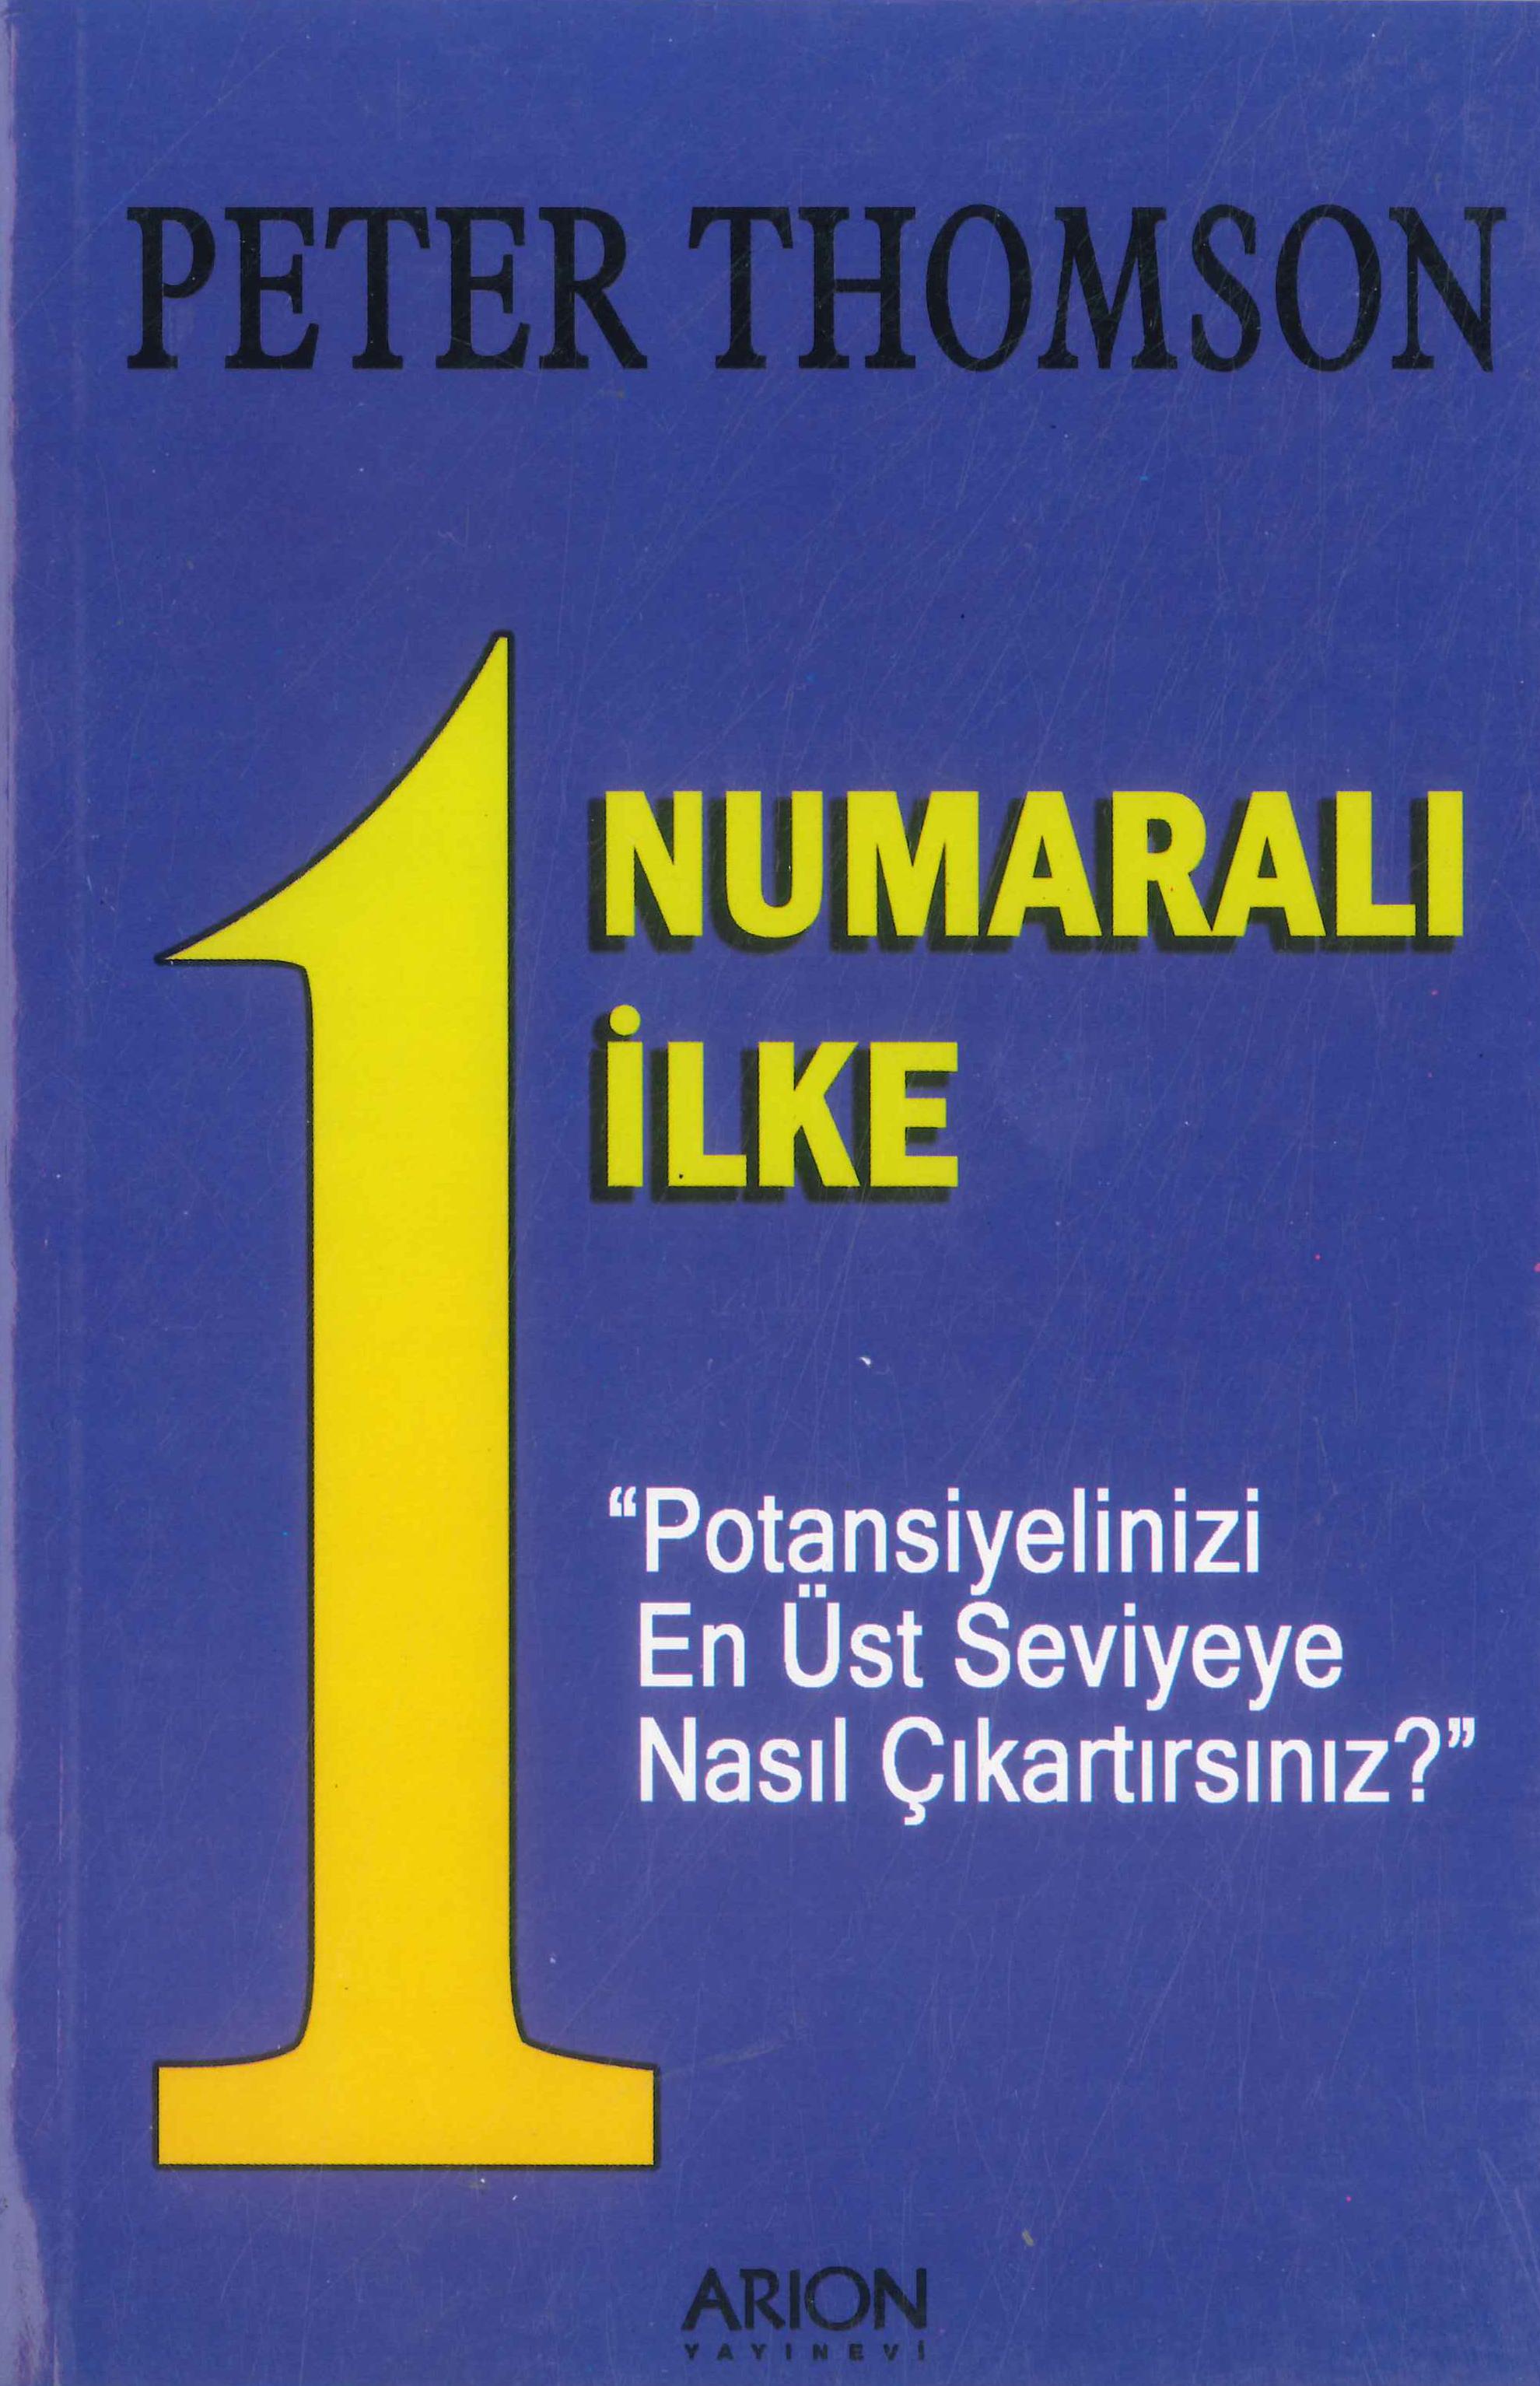 1 Numaralı İlke - Peter Thomson